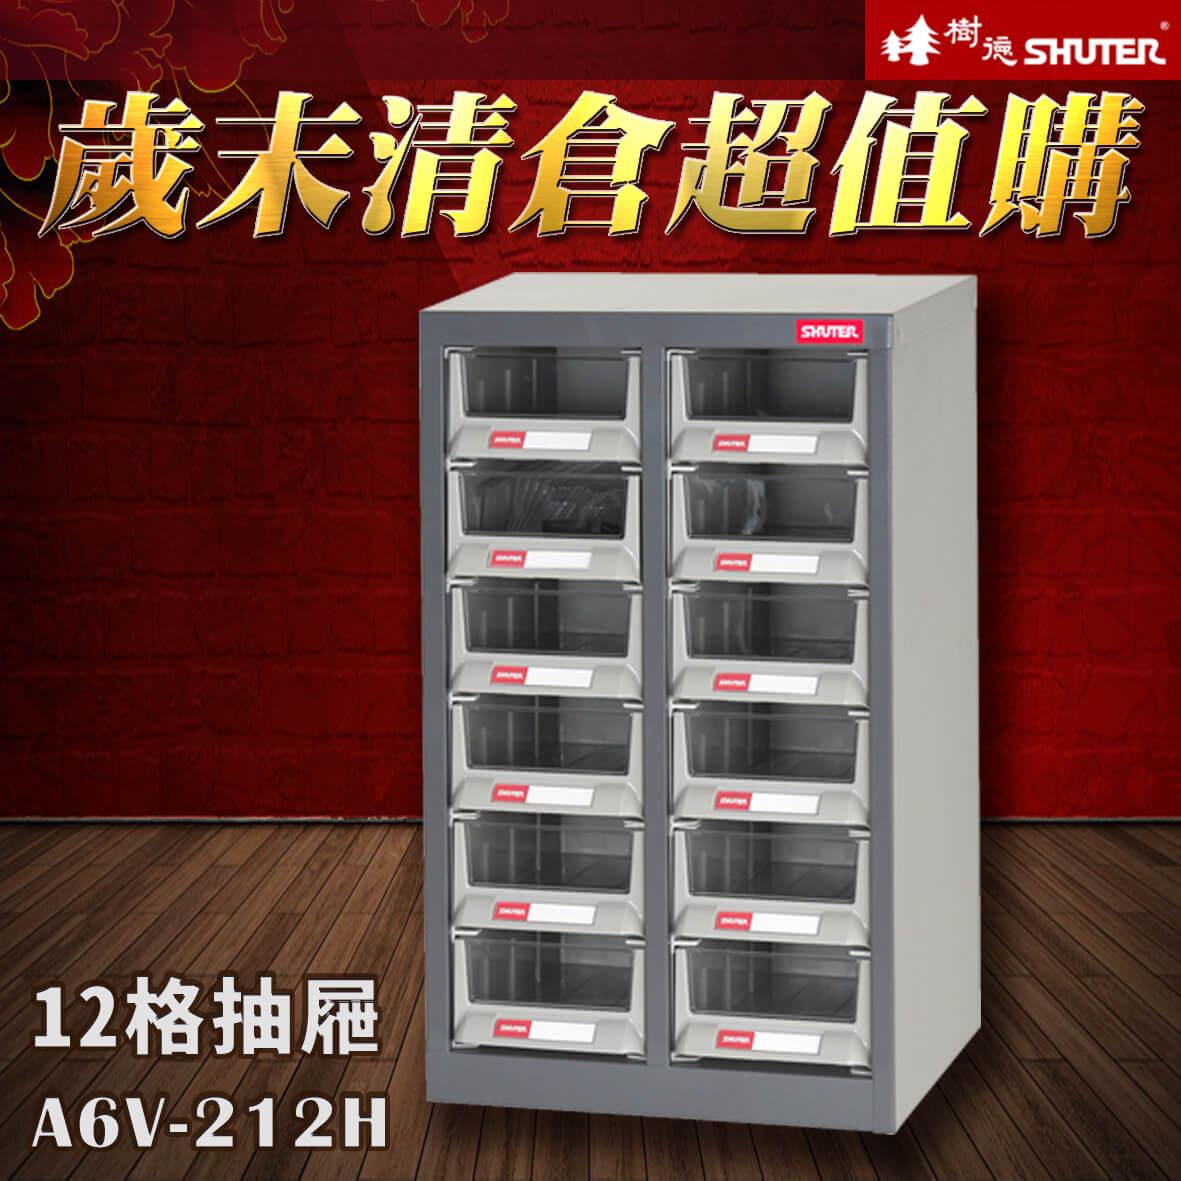 台灣品牌【樹德】 A6V-212H 12格抽屜 裝潢 水電 維修 汽車 耗材 電子 3C 包膜 精密 車床 電器